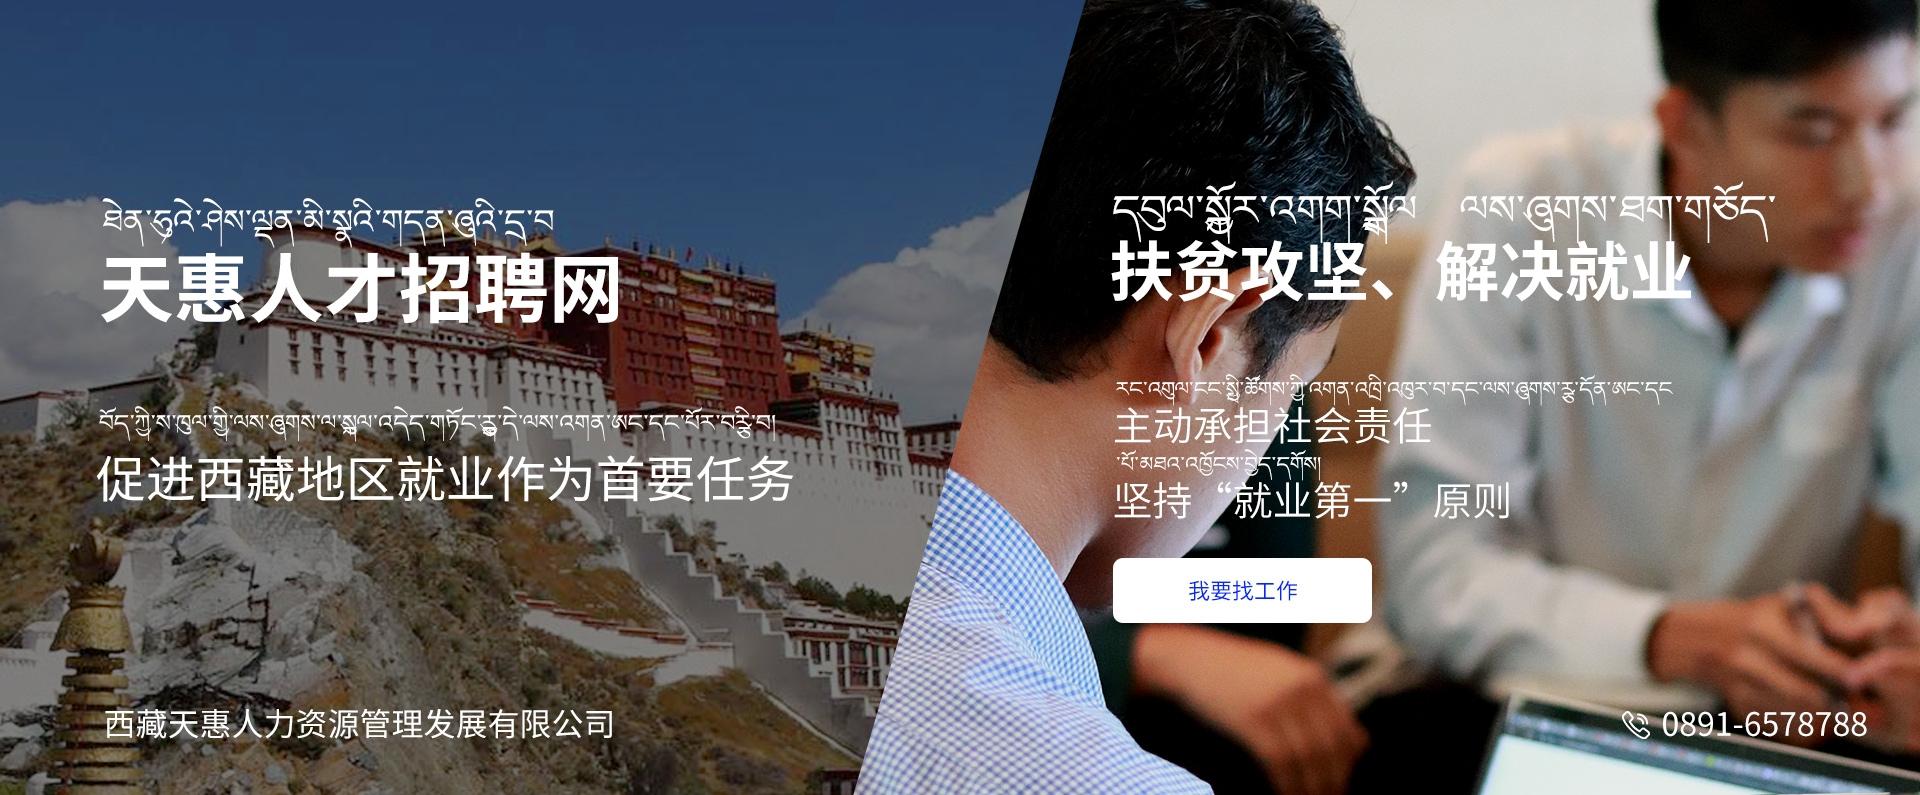 西藏天惠人才网